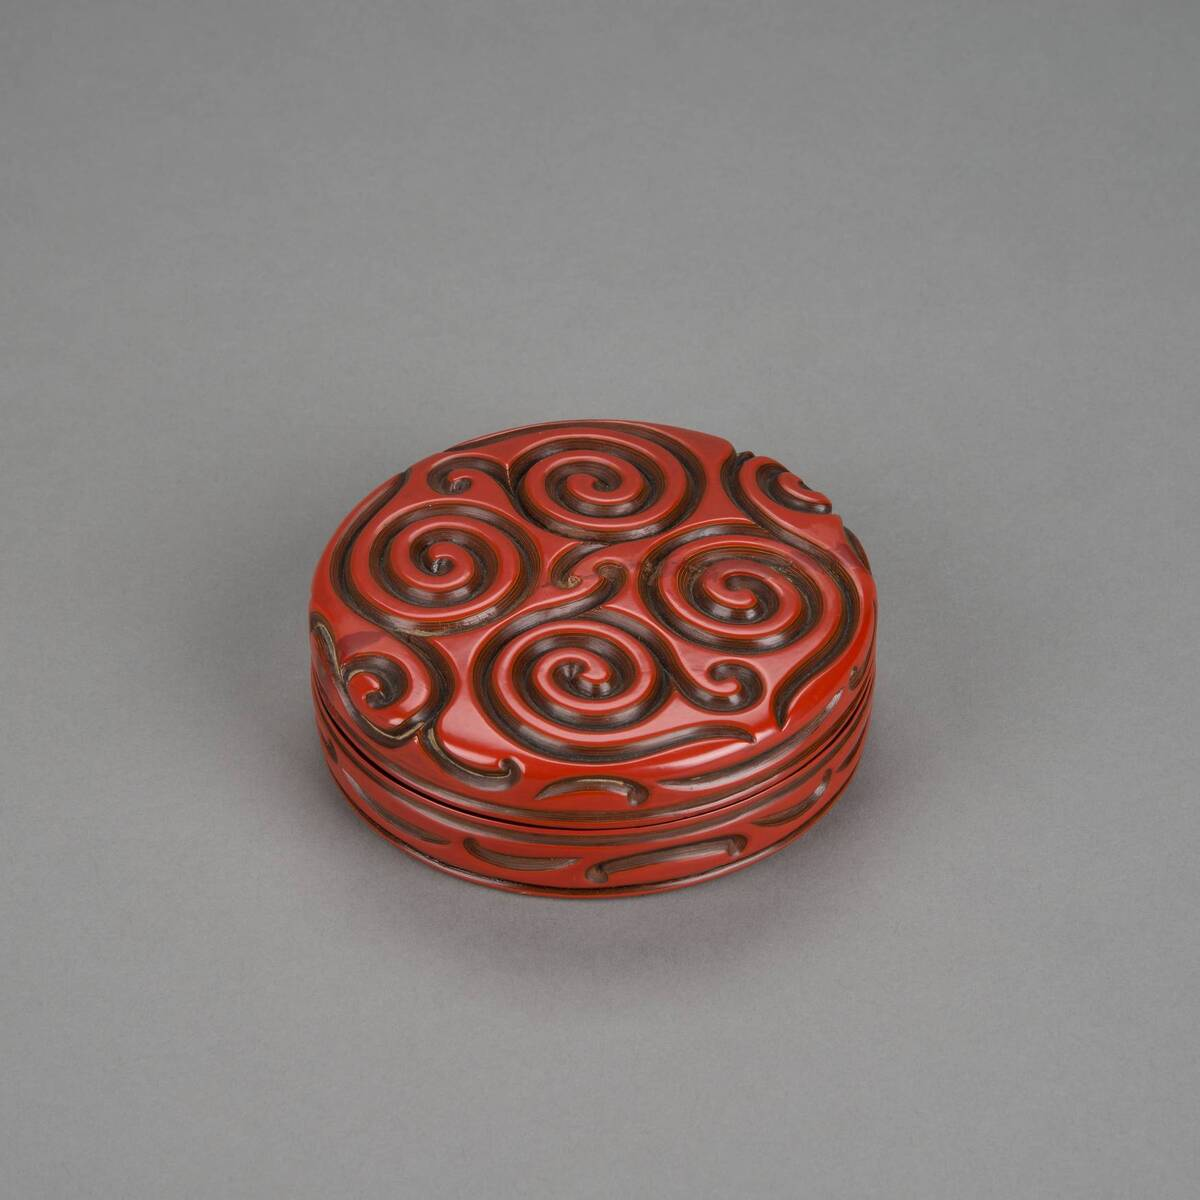 Deckeldose, Kosmetikdose mit tixi/guri Dekor in Rotlack mit nachträglich eingesetztem Kompass von Anonym